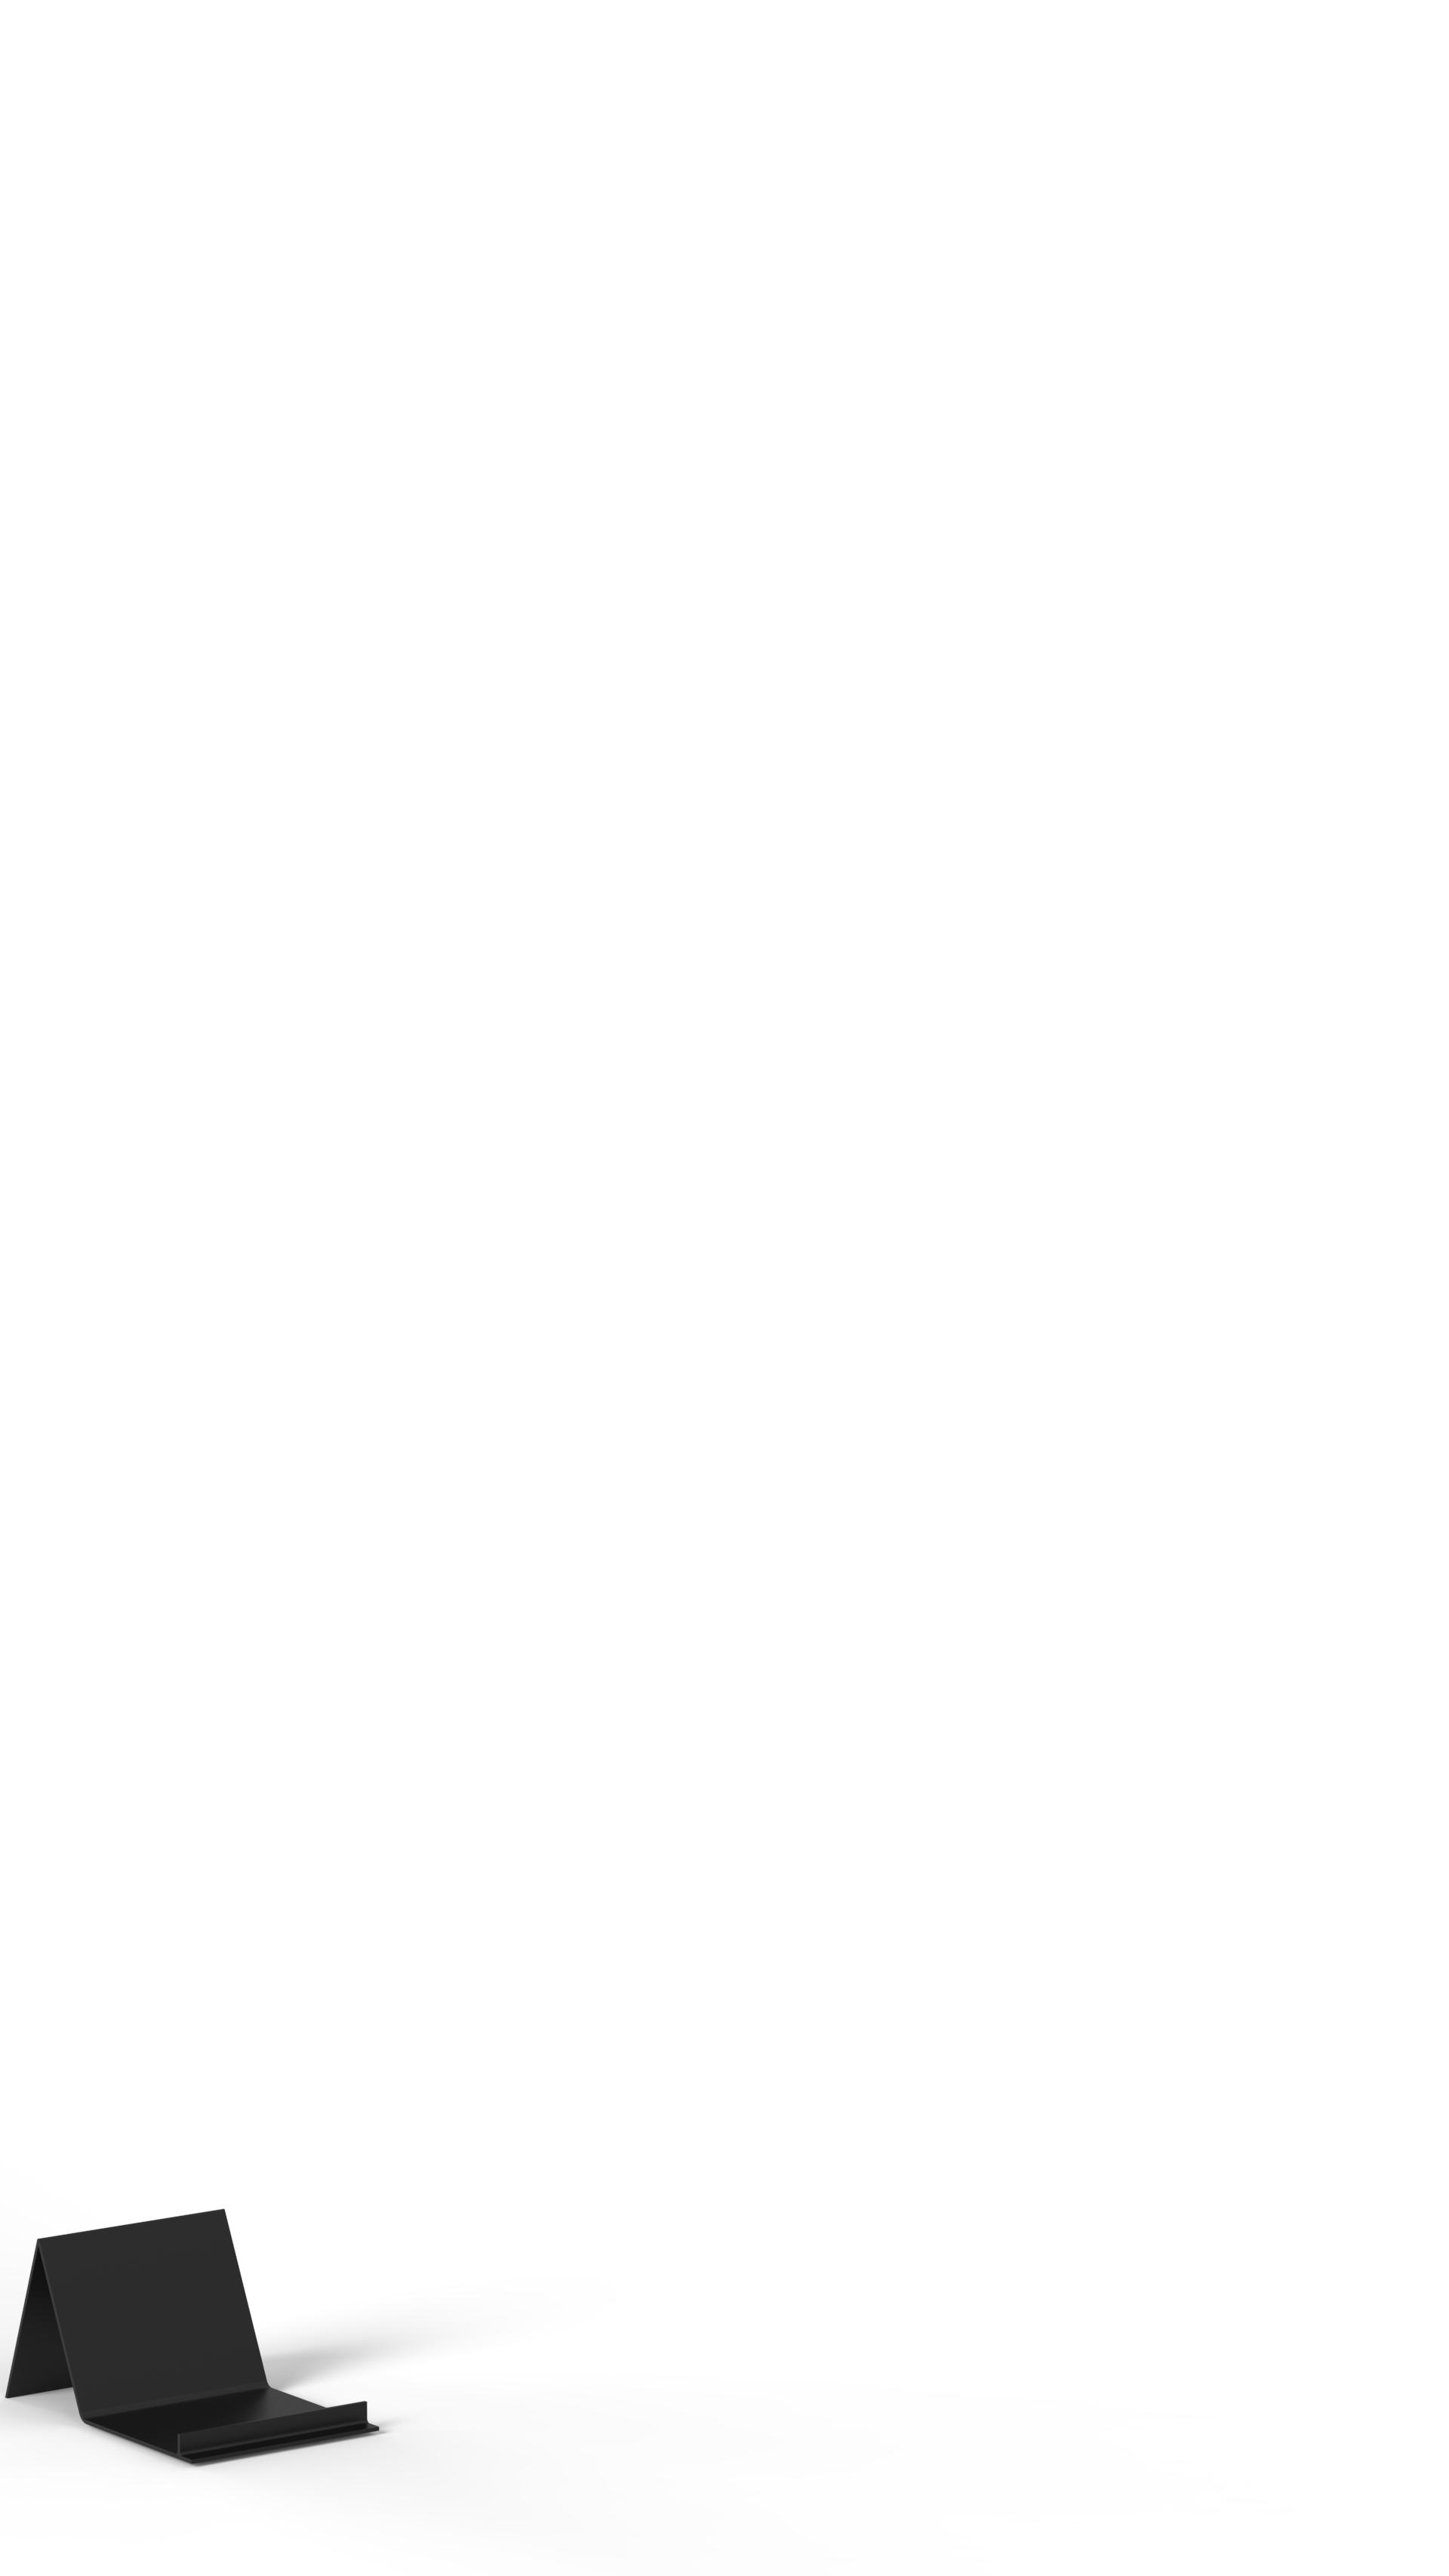 aeroPA4 Présentoir signalétique PLV SAINT-HONORÉ PARIS